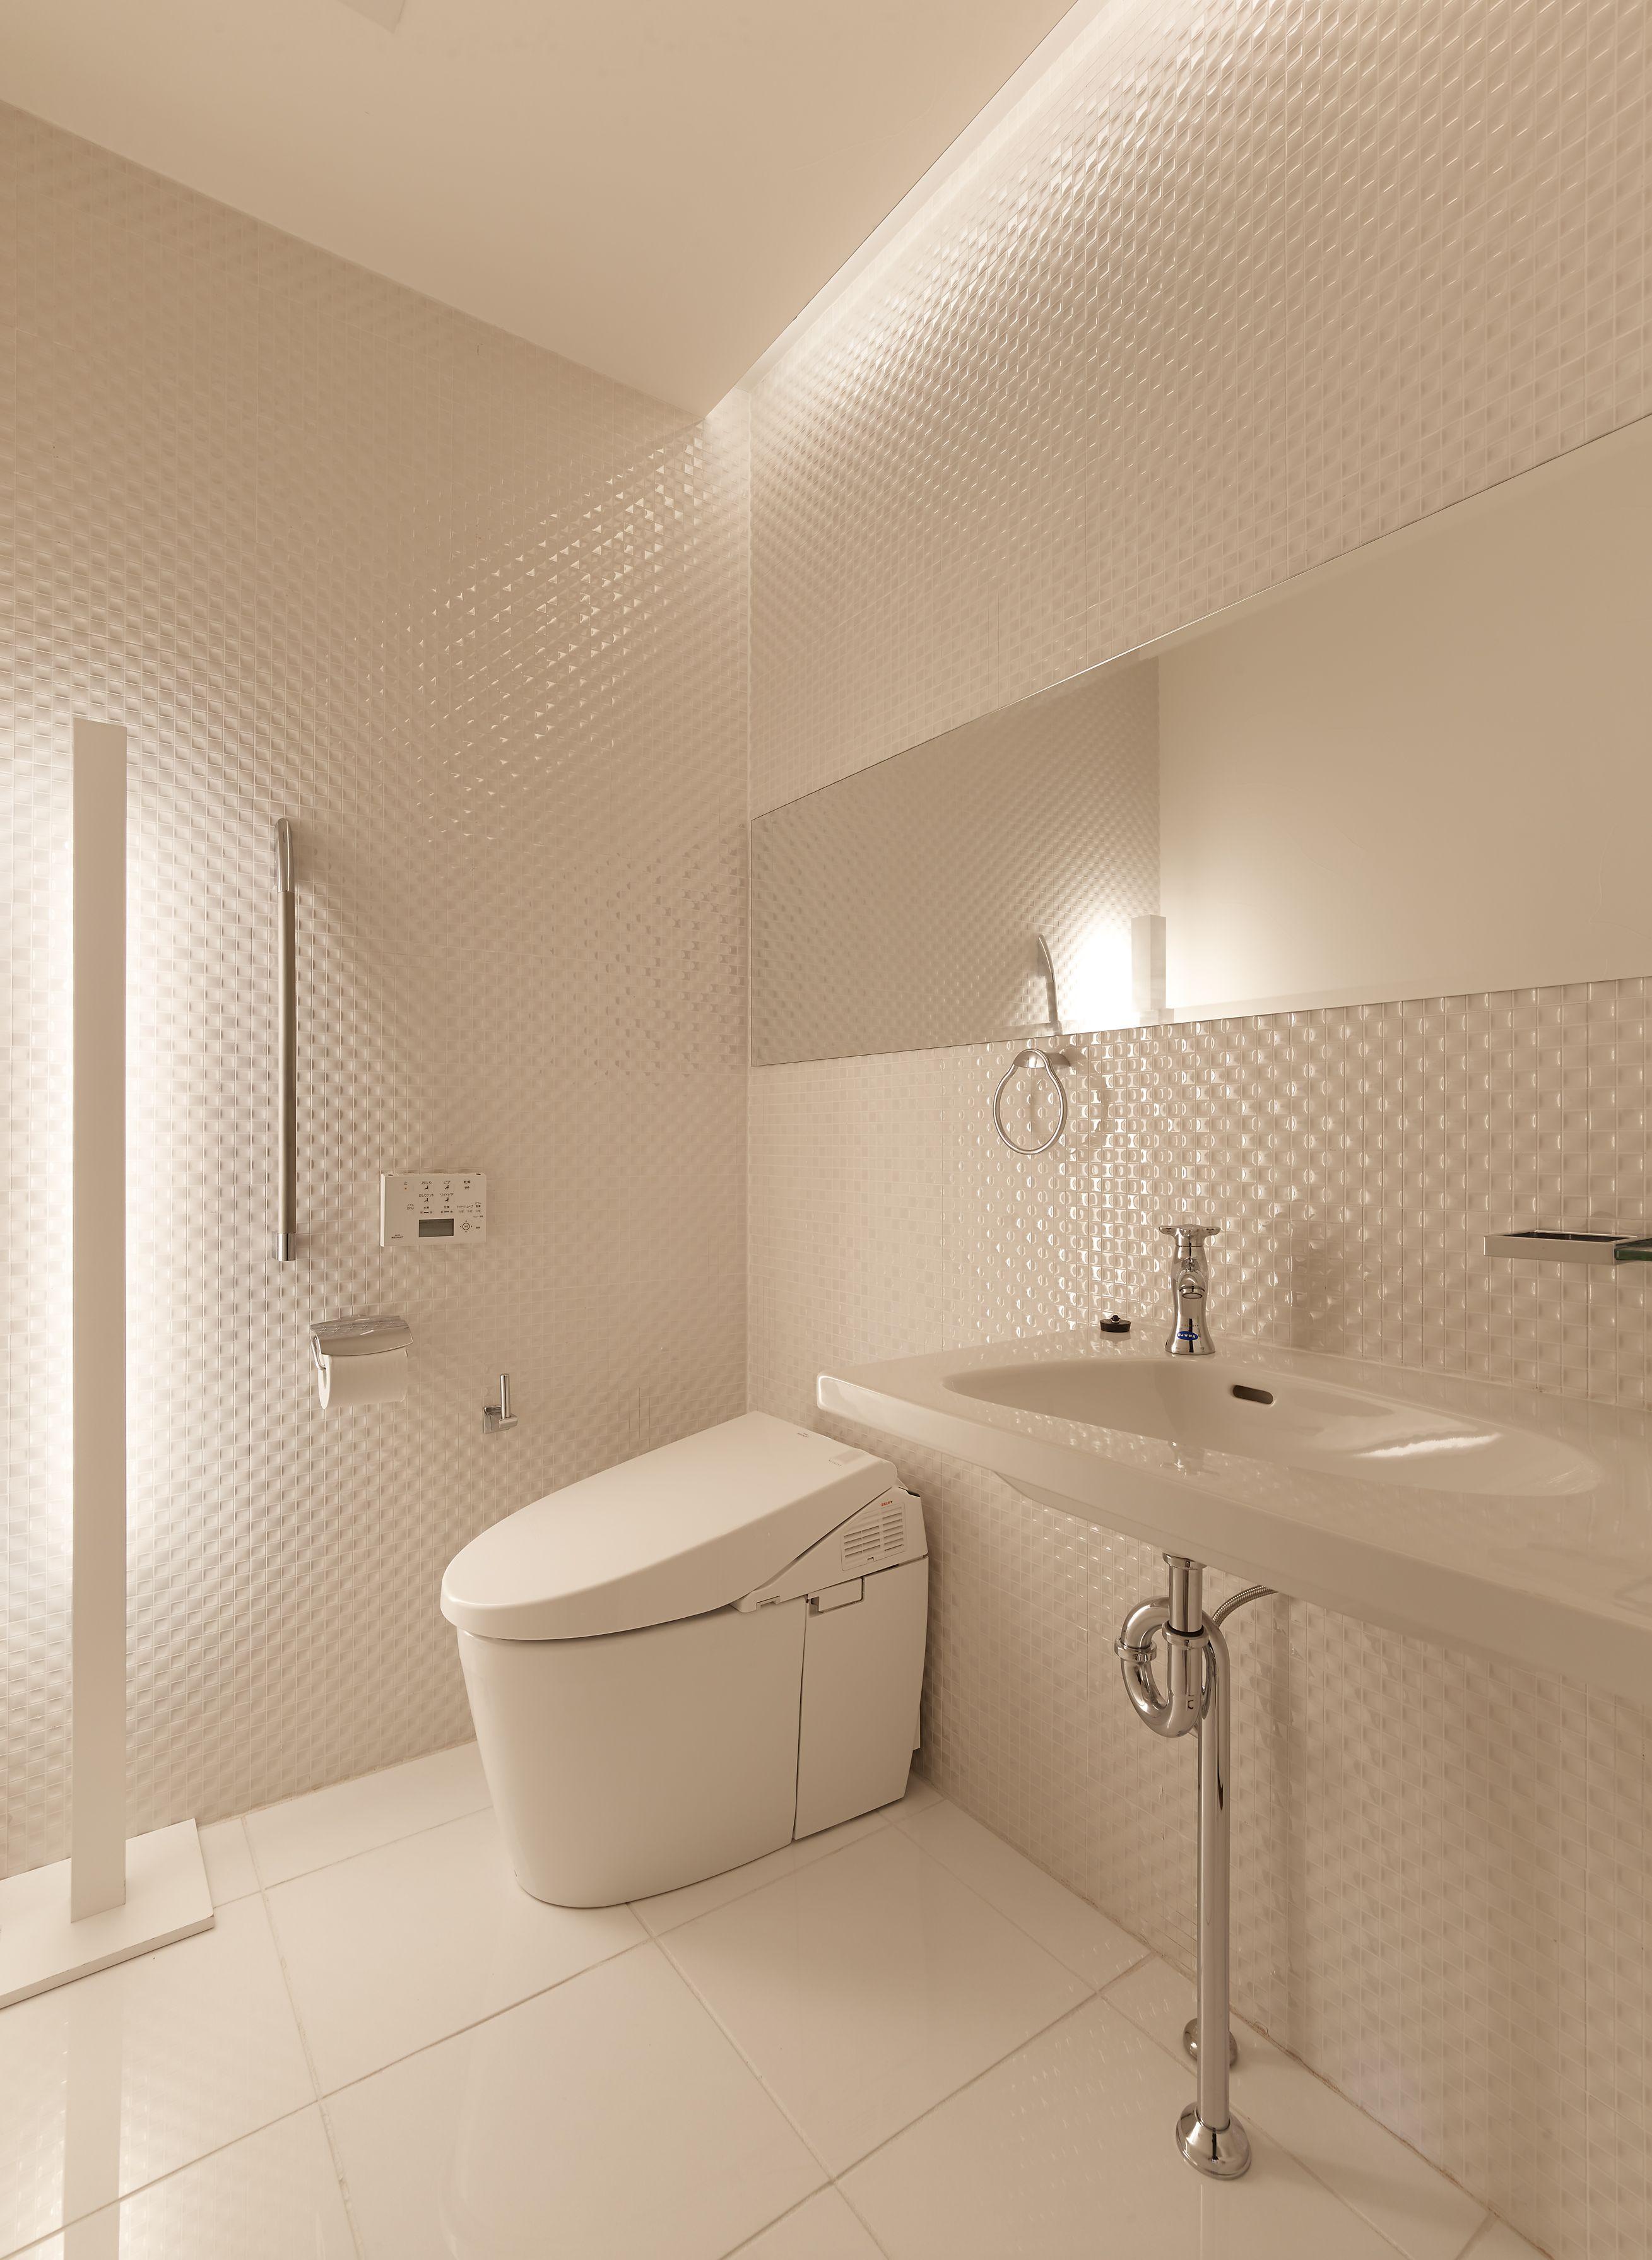 非日常と清潔感をテーマに店舗のトイレをリフォーム 天井際のライン